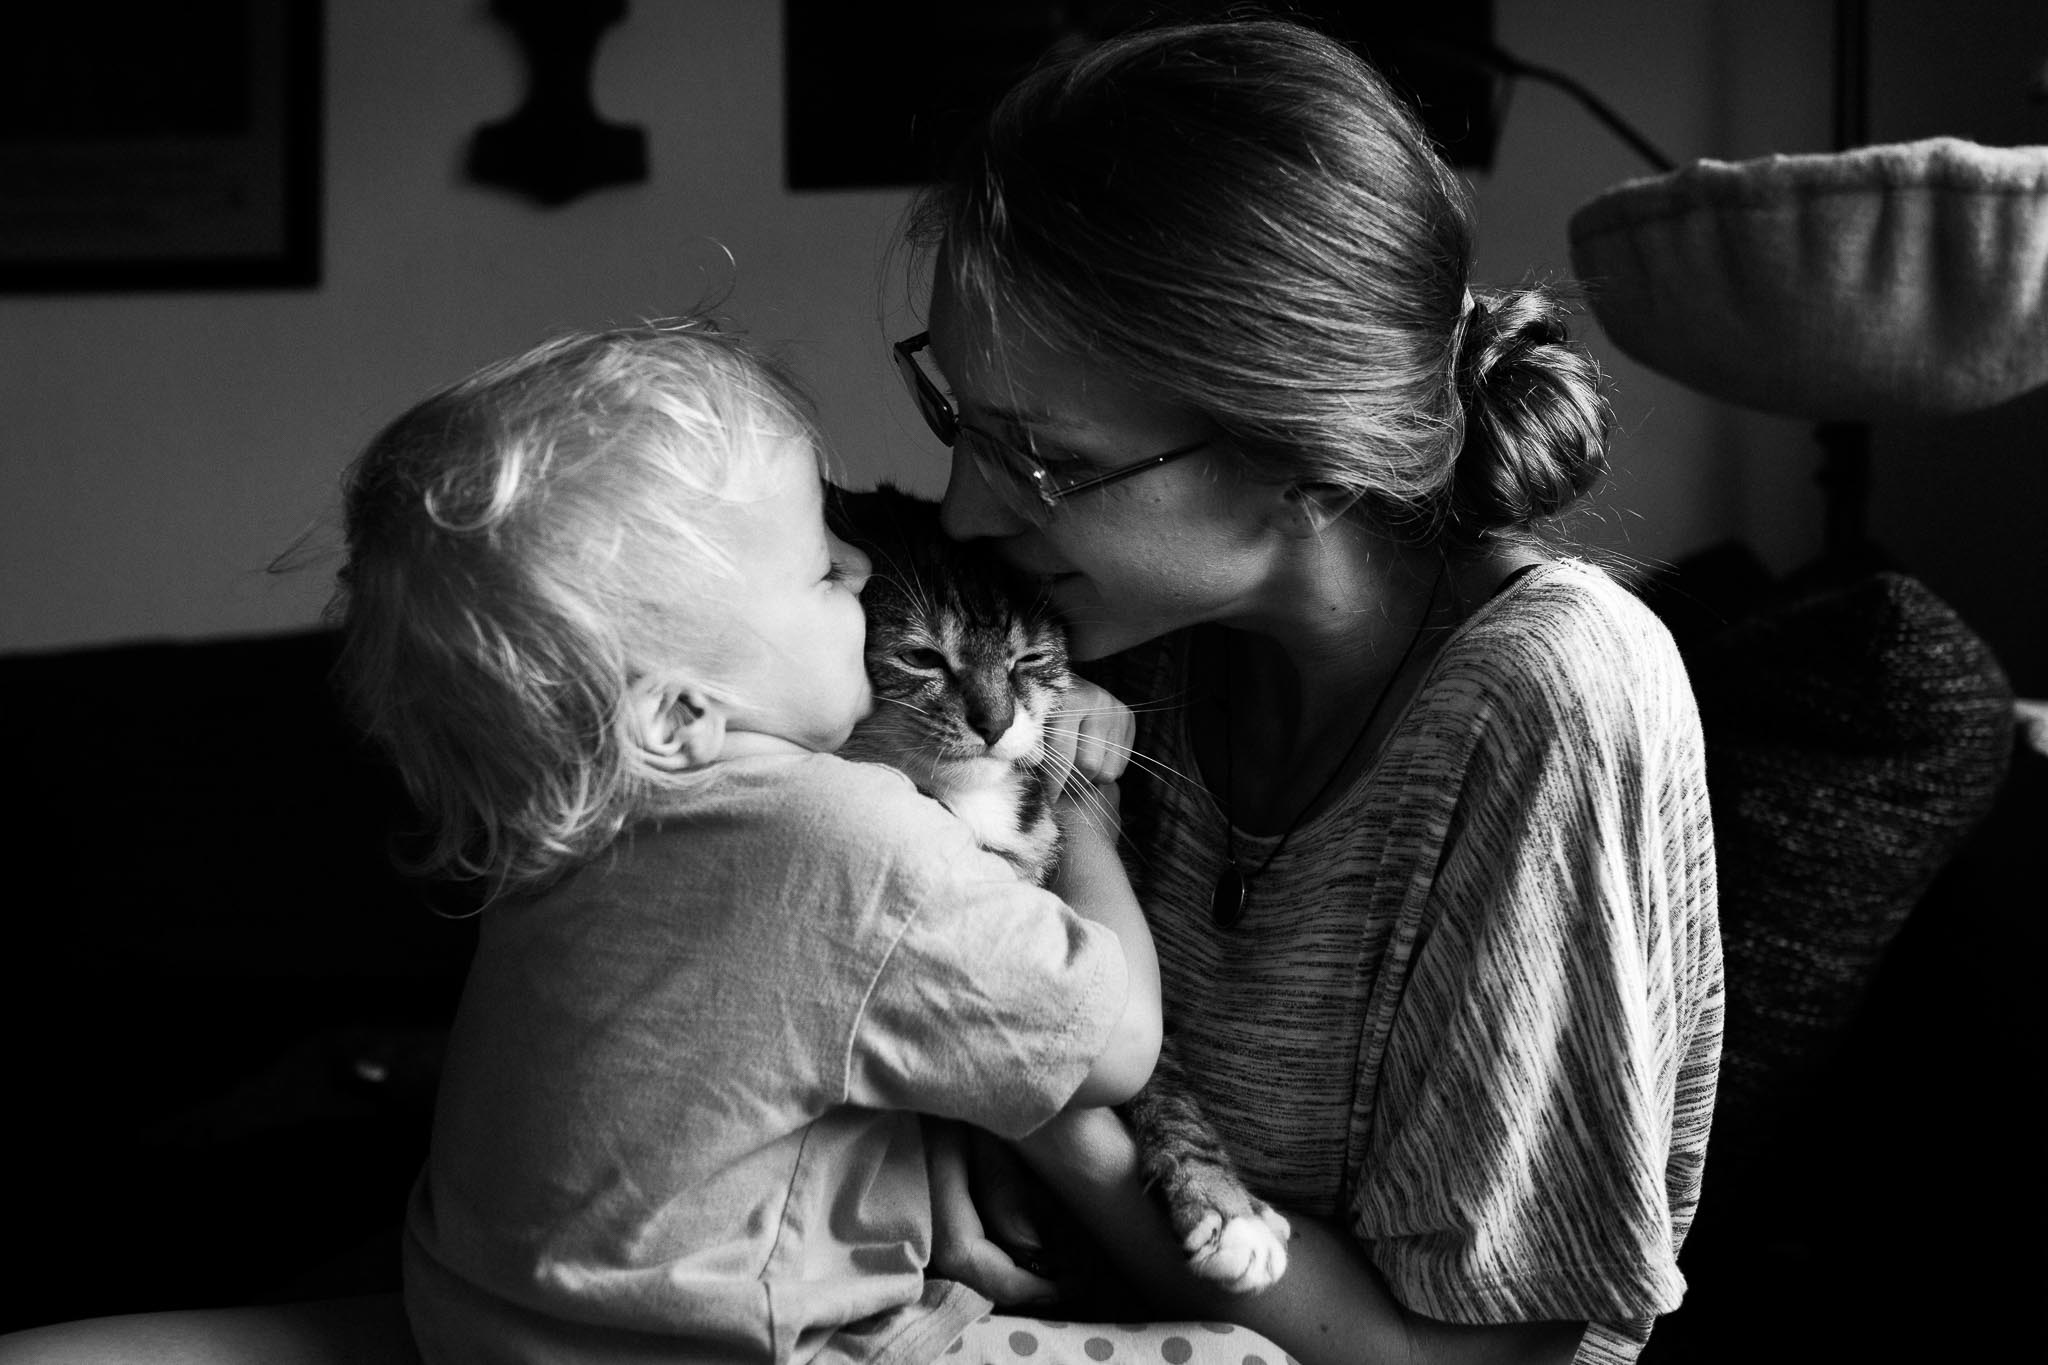 Meine Tochter, unser Kater und ich.